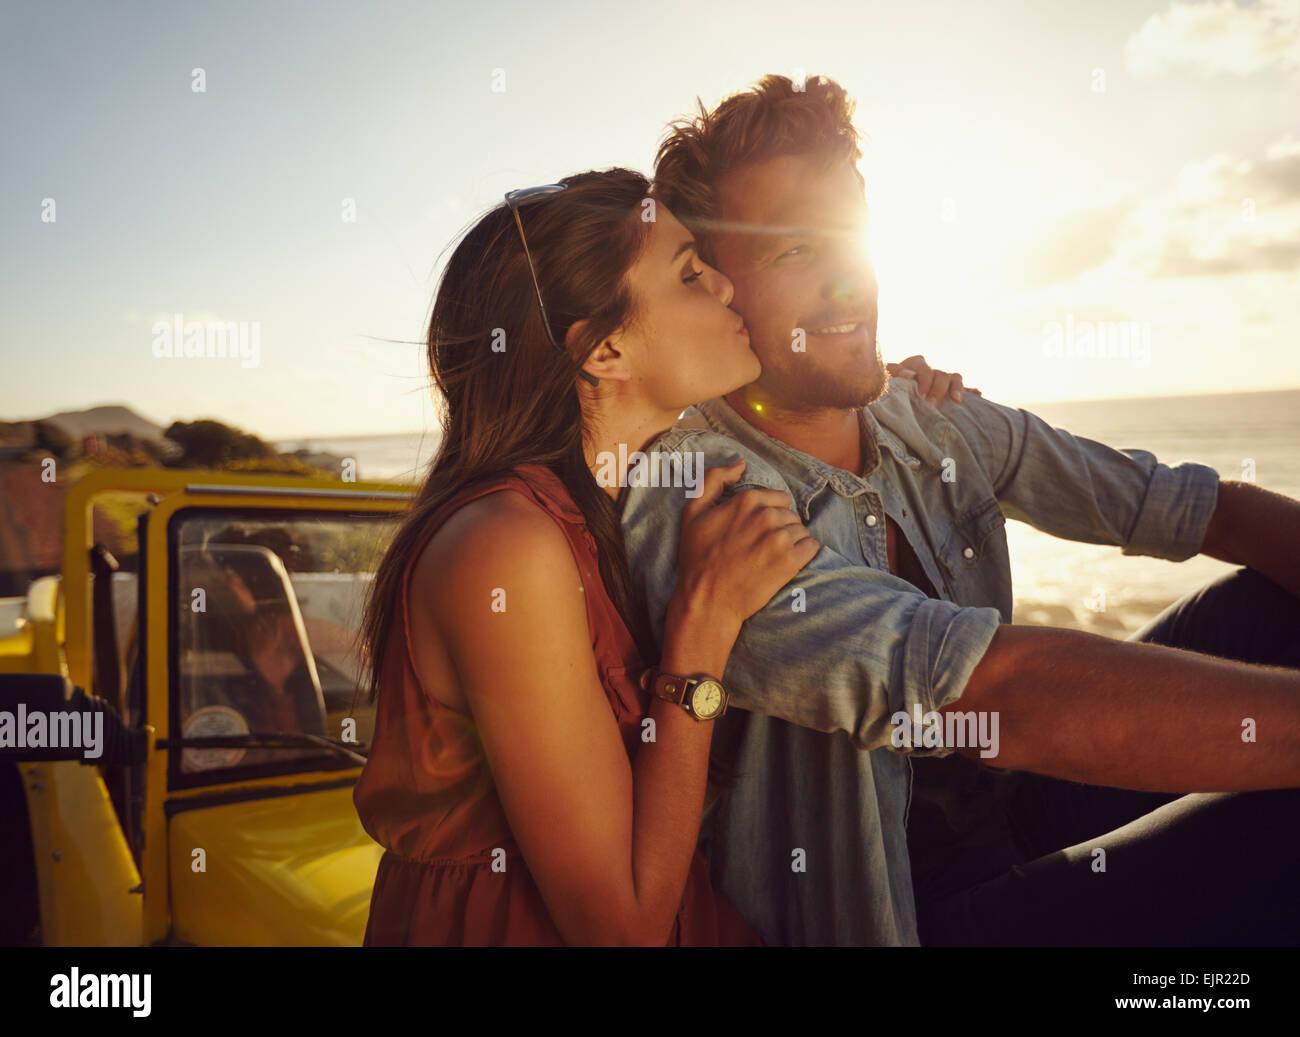 Romantische junges Paar sitzt auf der Motorhaube ihres Autos auf einem Roadtrip. Schöne junge Frau küssen Stockbild